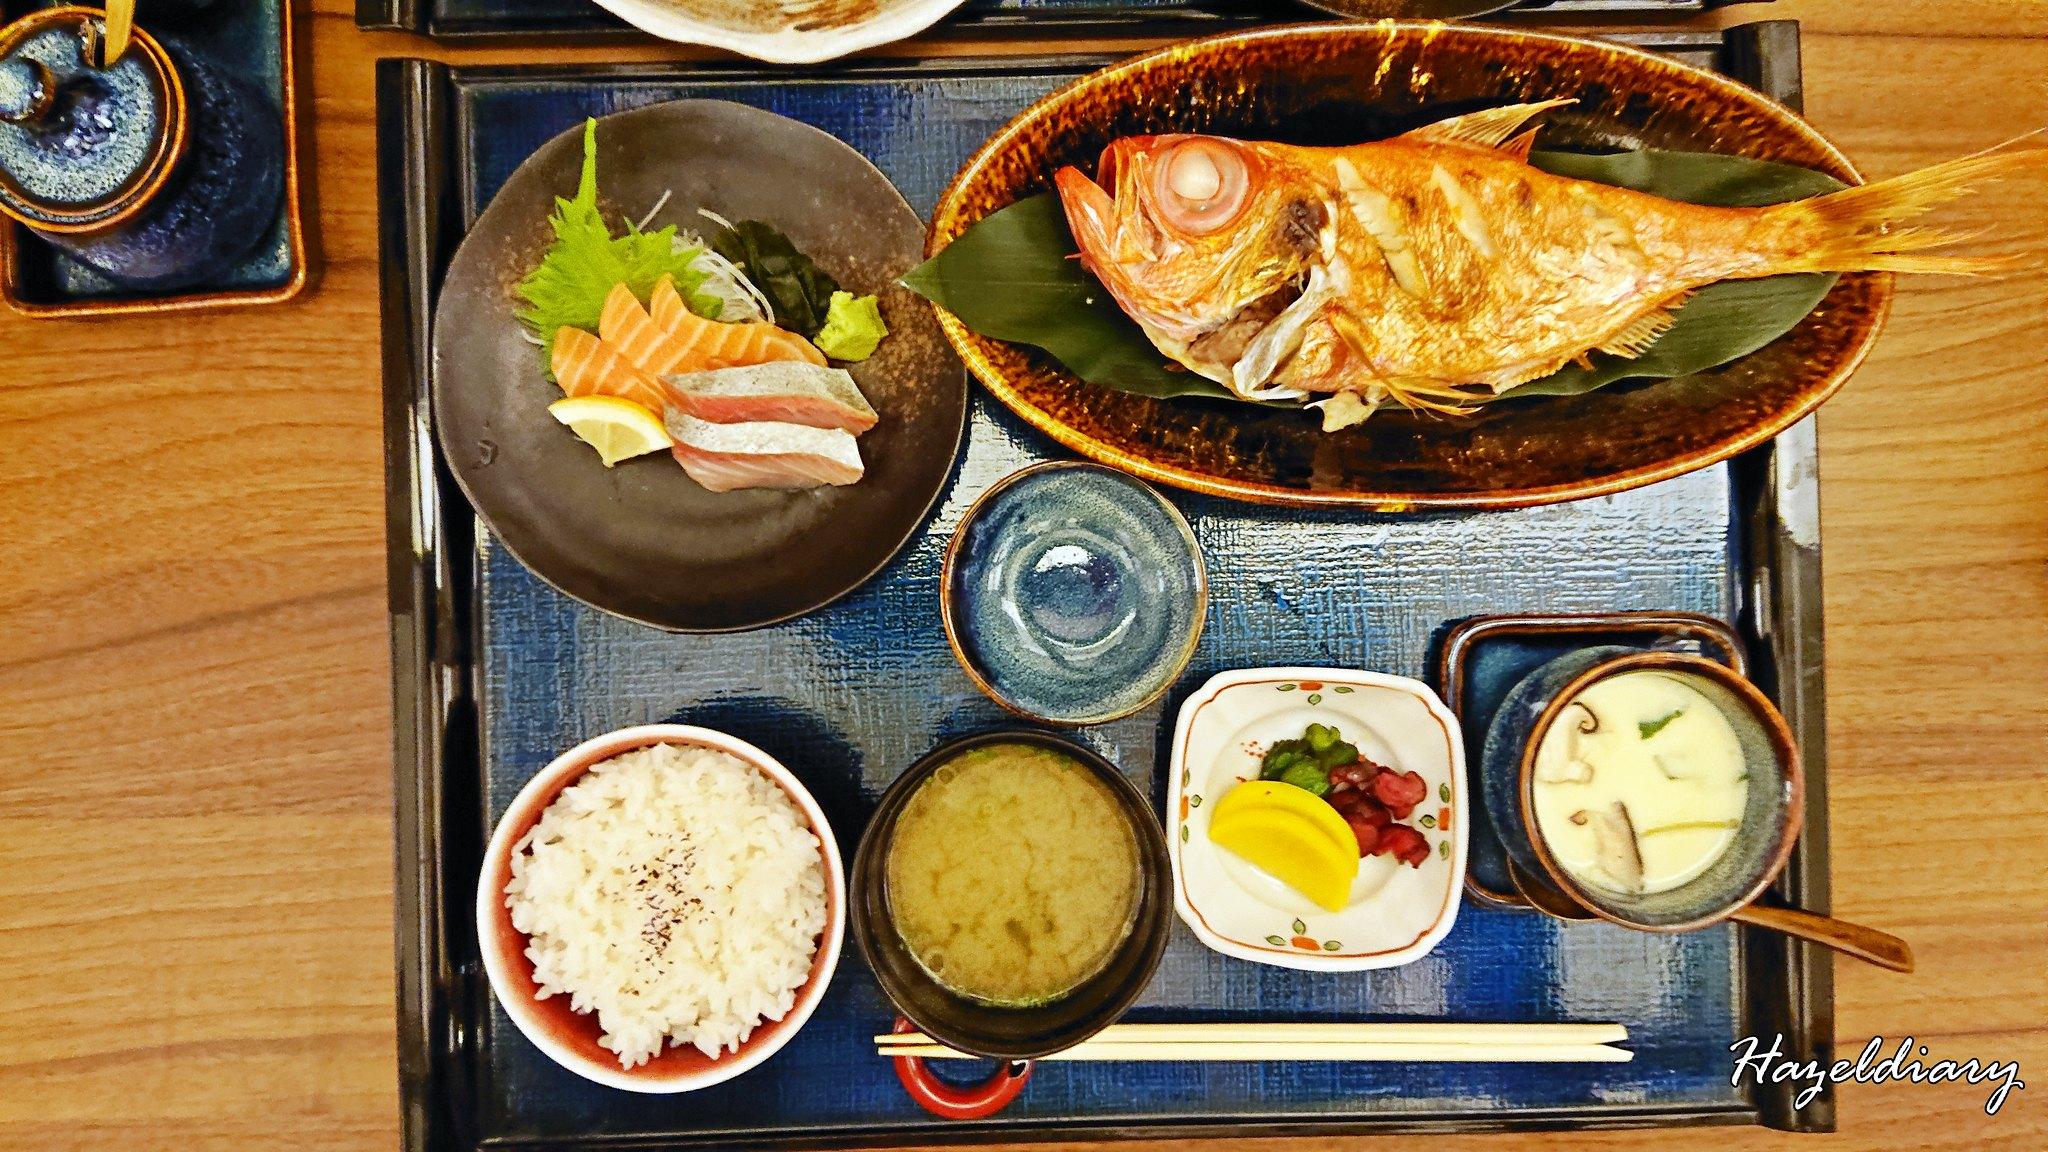 Mitsu Spring Menu-Grilled Fish Set